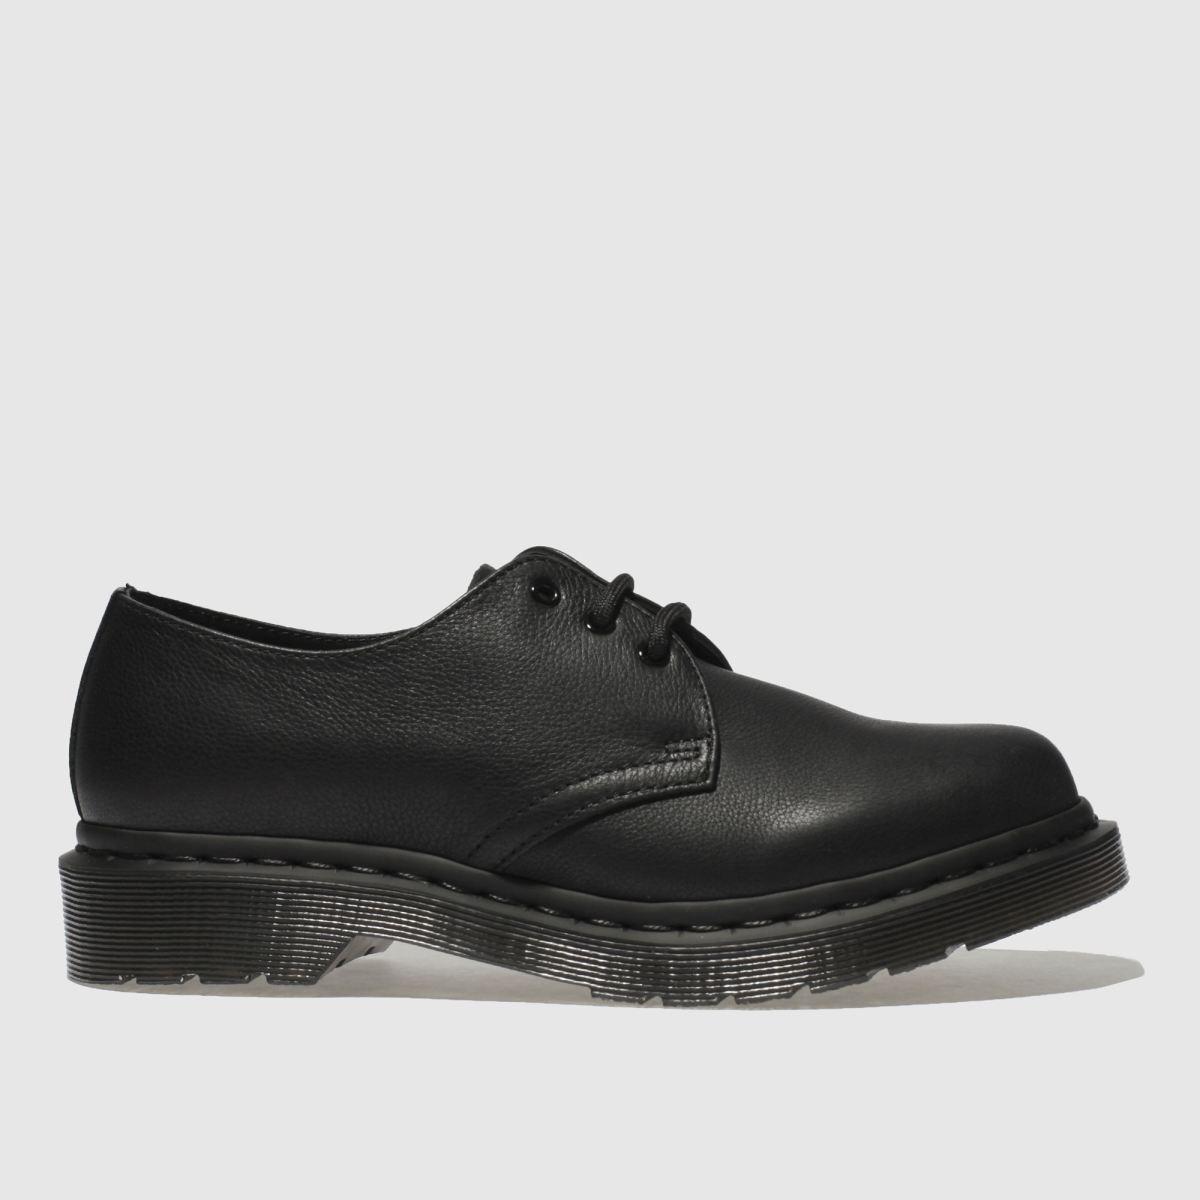 Dr Martens Black 1461 3 Eye Flat Shoes